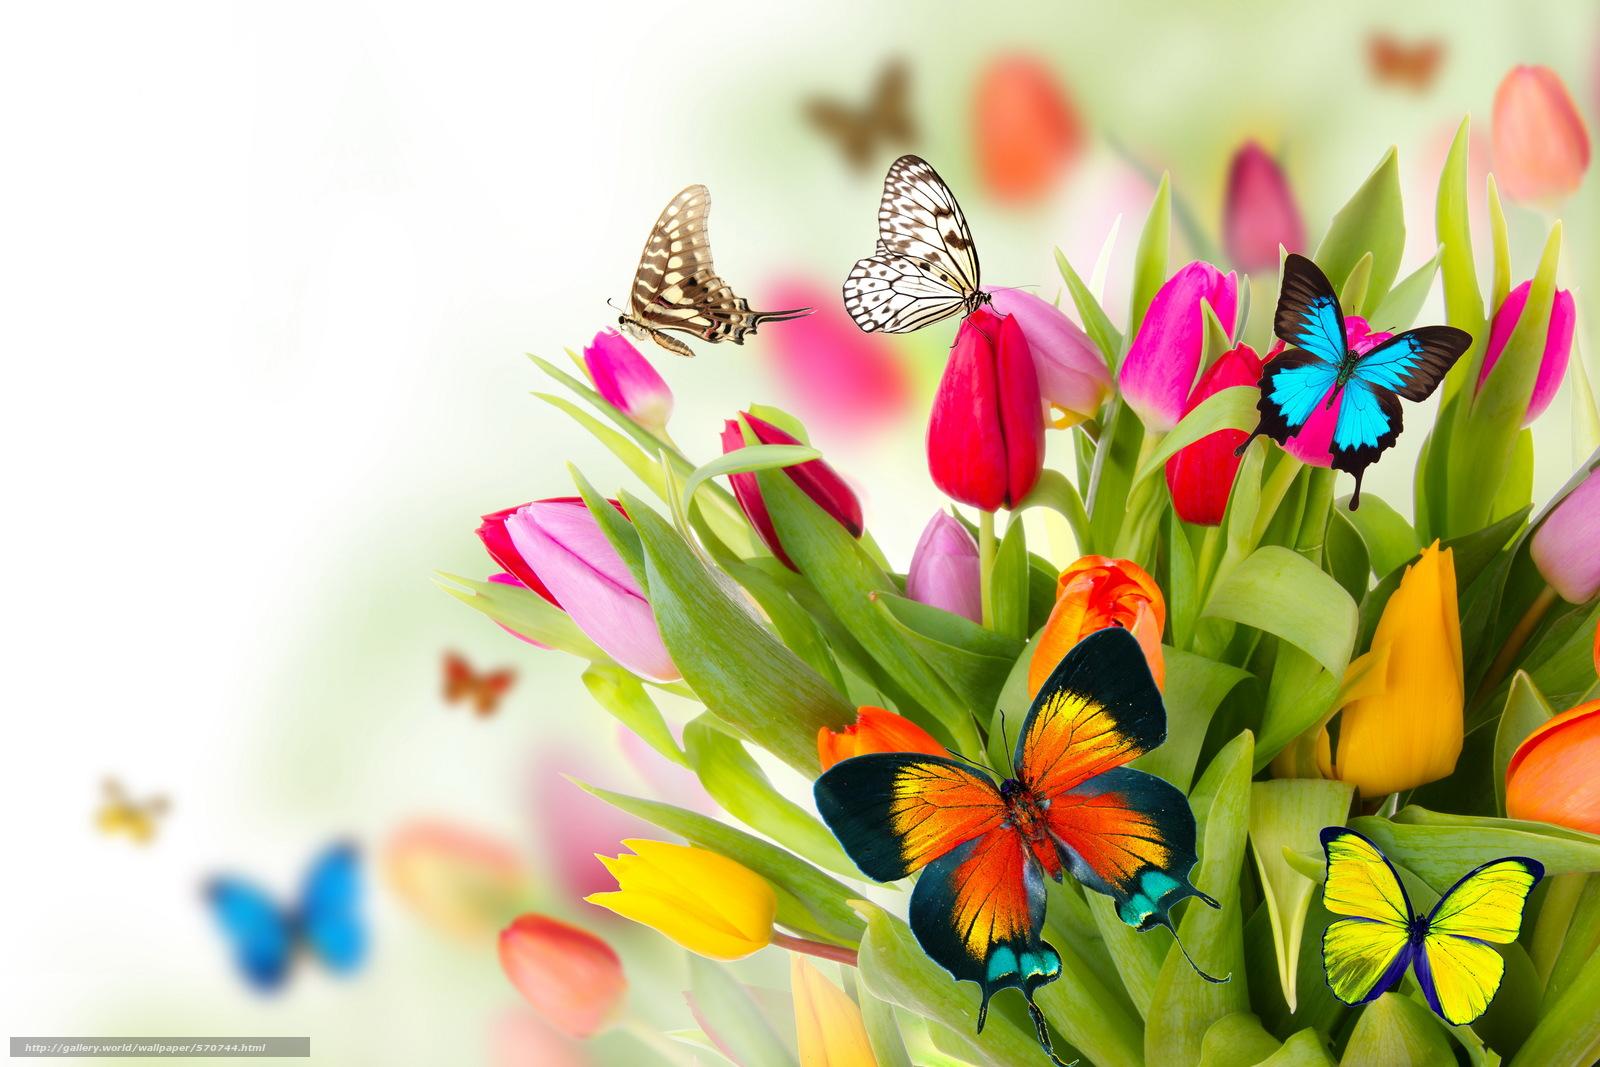 Scaricare gli sfondi primavera fiori farfalle tulipani for Sfondi farfalle gratis